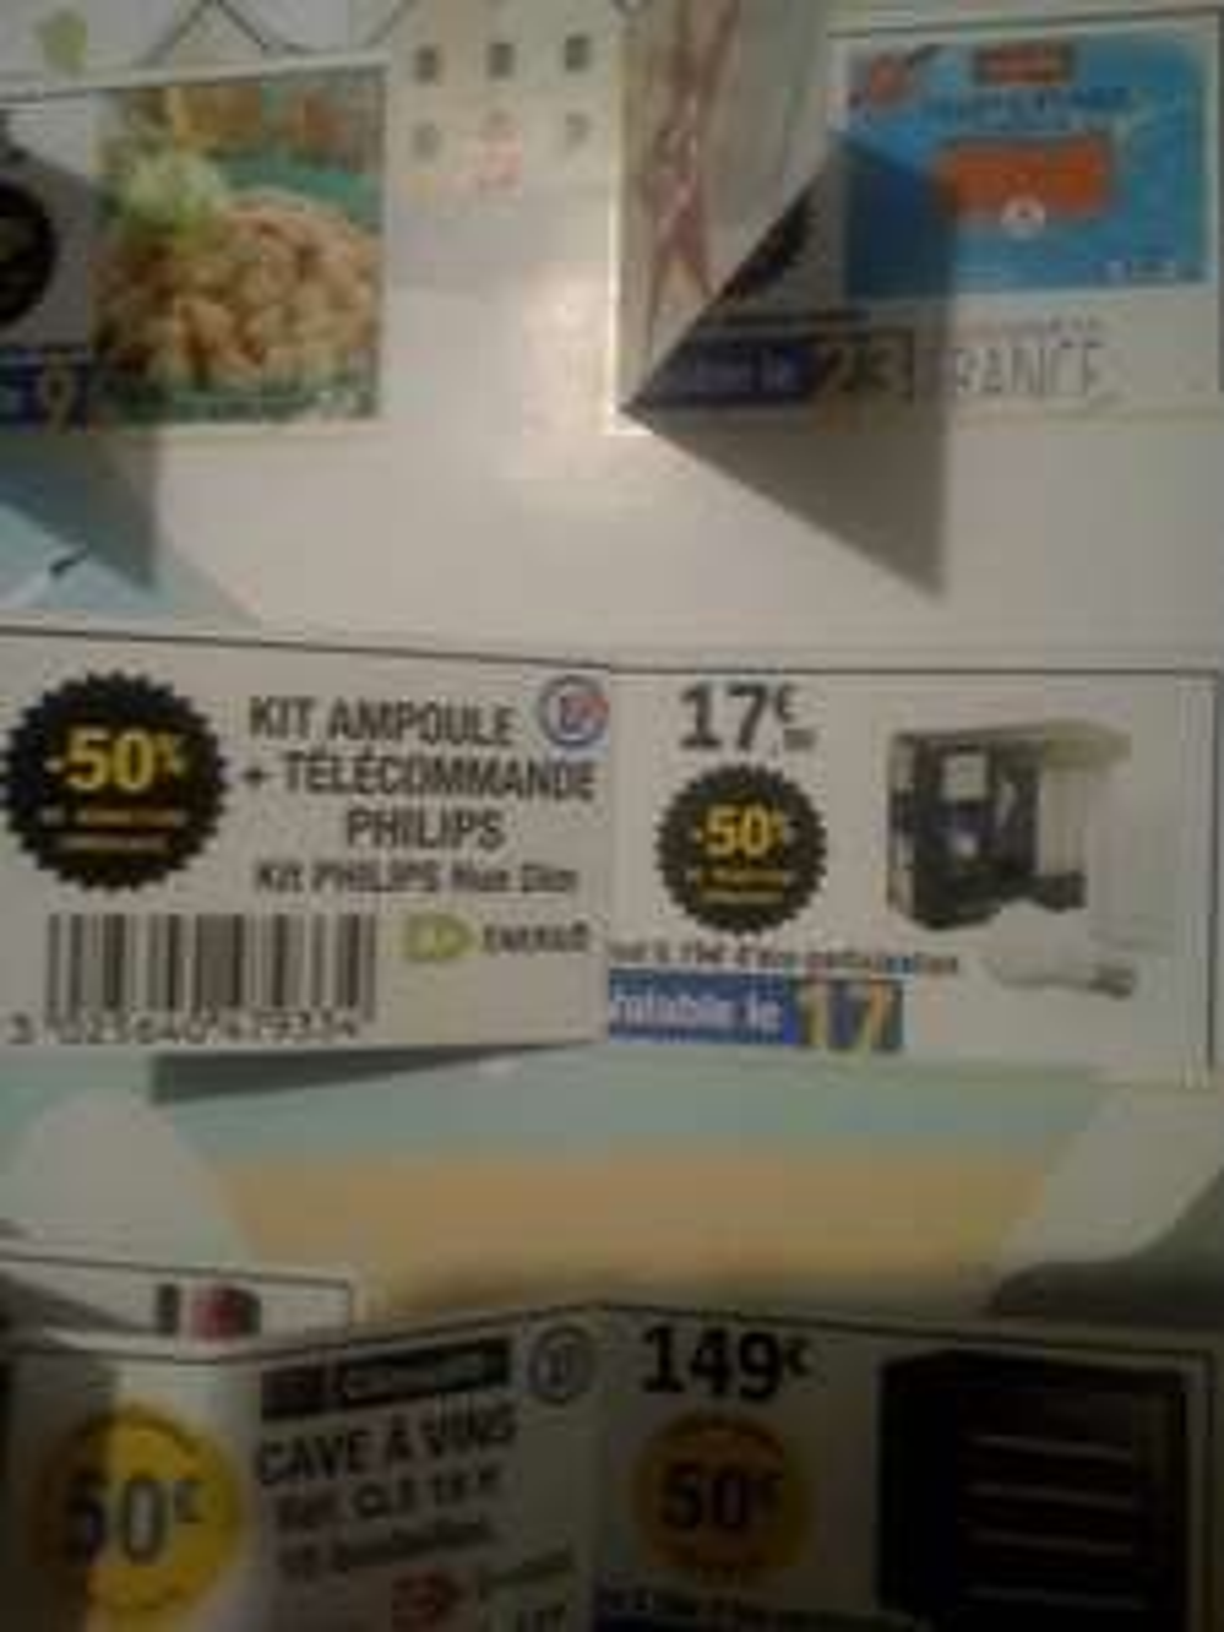 Kit ampoule Philips Hue + Télécommande